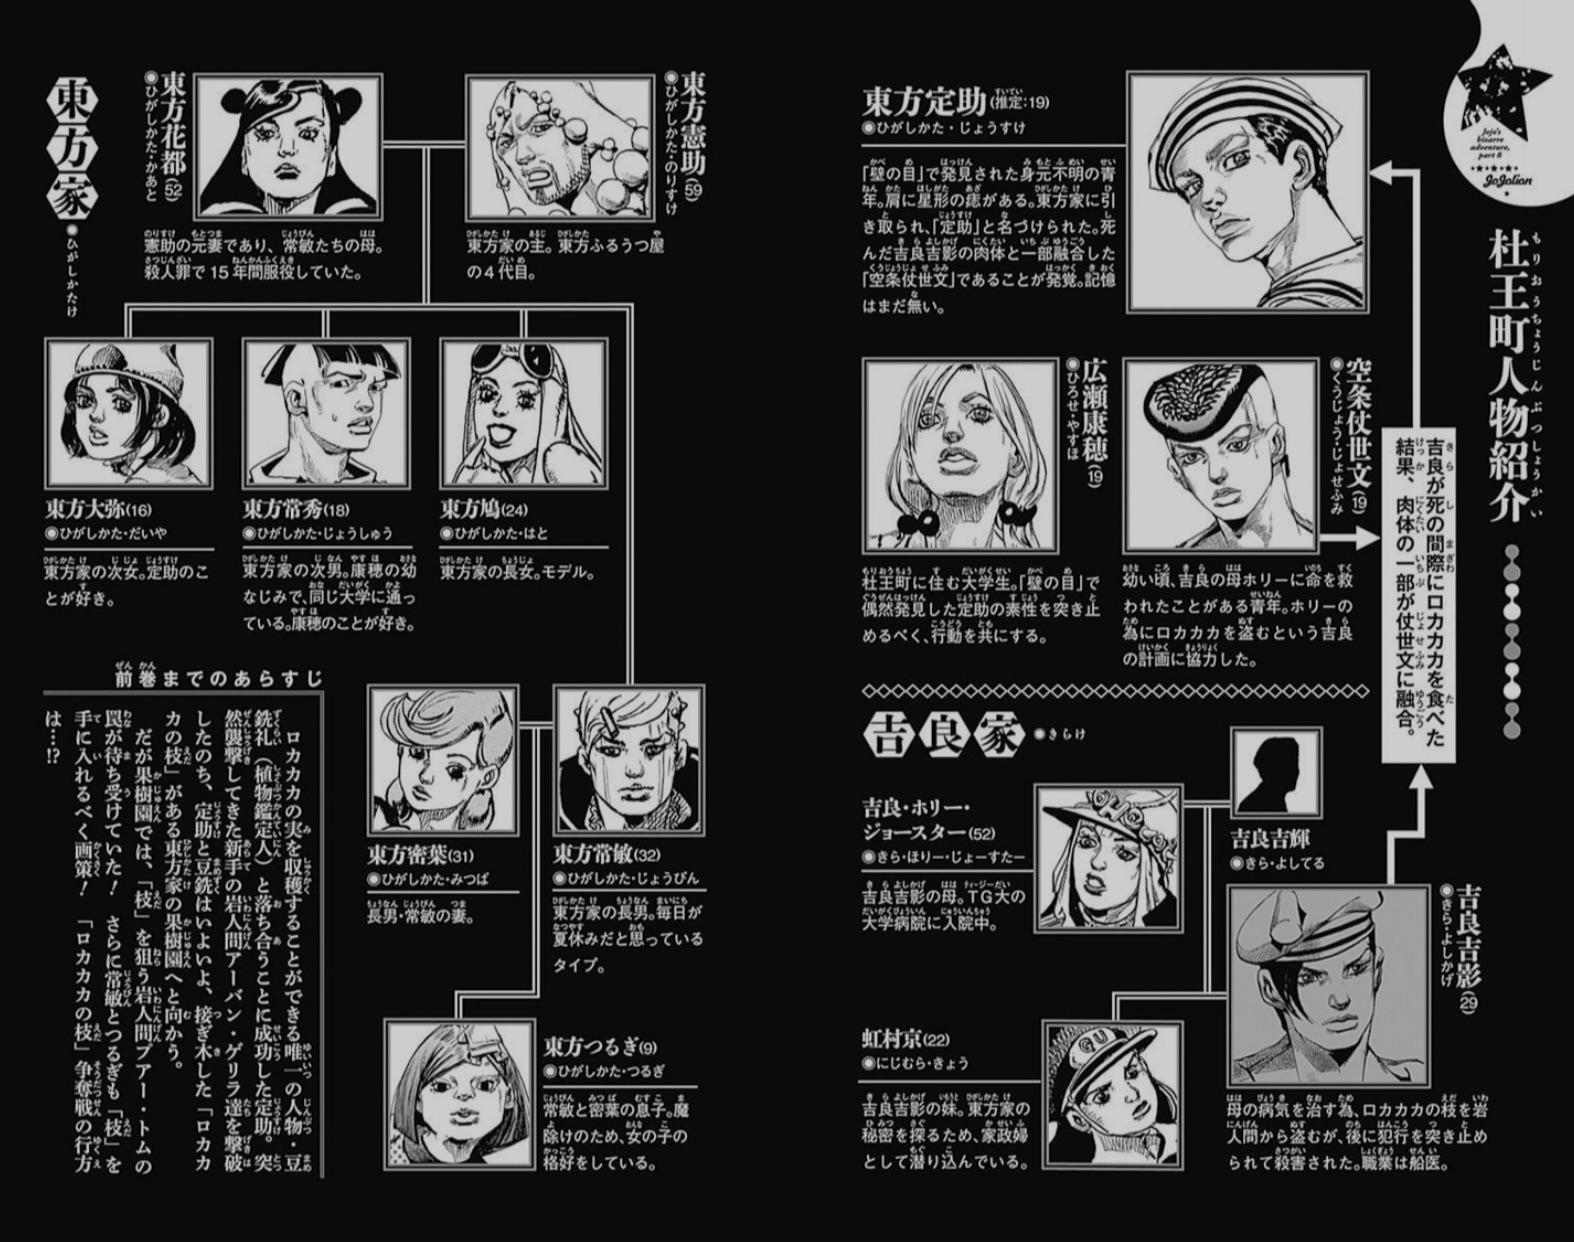 ジョジョリオン・杜王町人物紹介.今回ボクが紹介するのはページ左下段の東方常敏さんのセリフである.